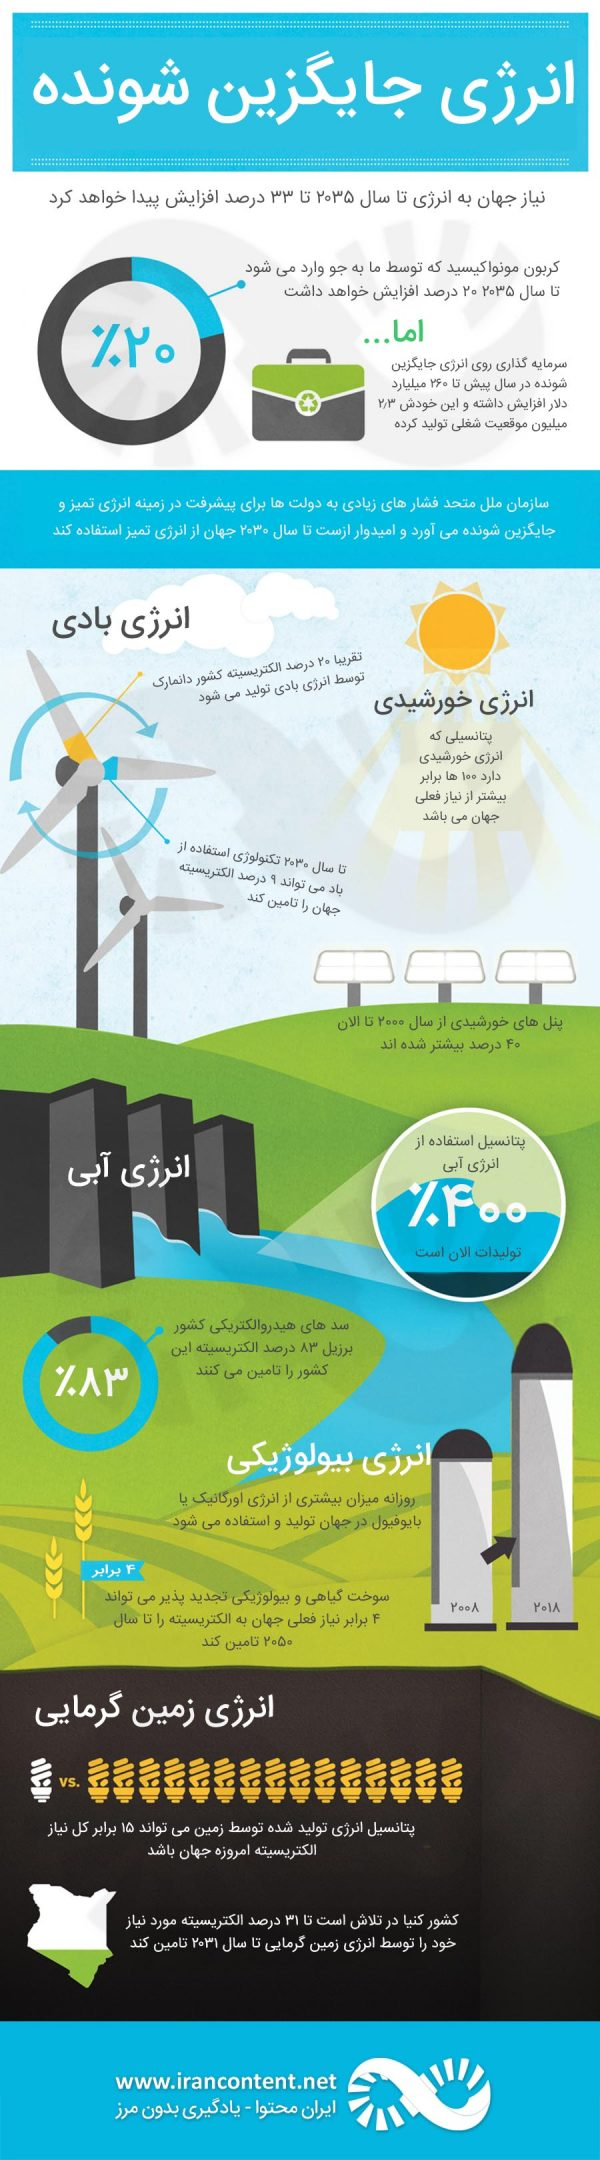 آیا منابع انرژی جایگزین شونده می توانند انرژی جهان را تامین کنند؟ + ویدیو